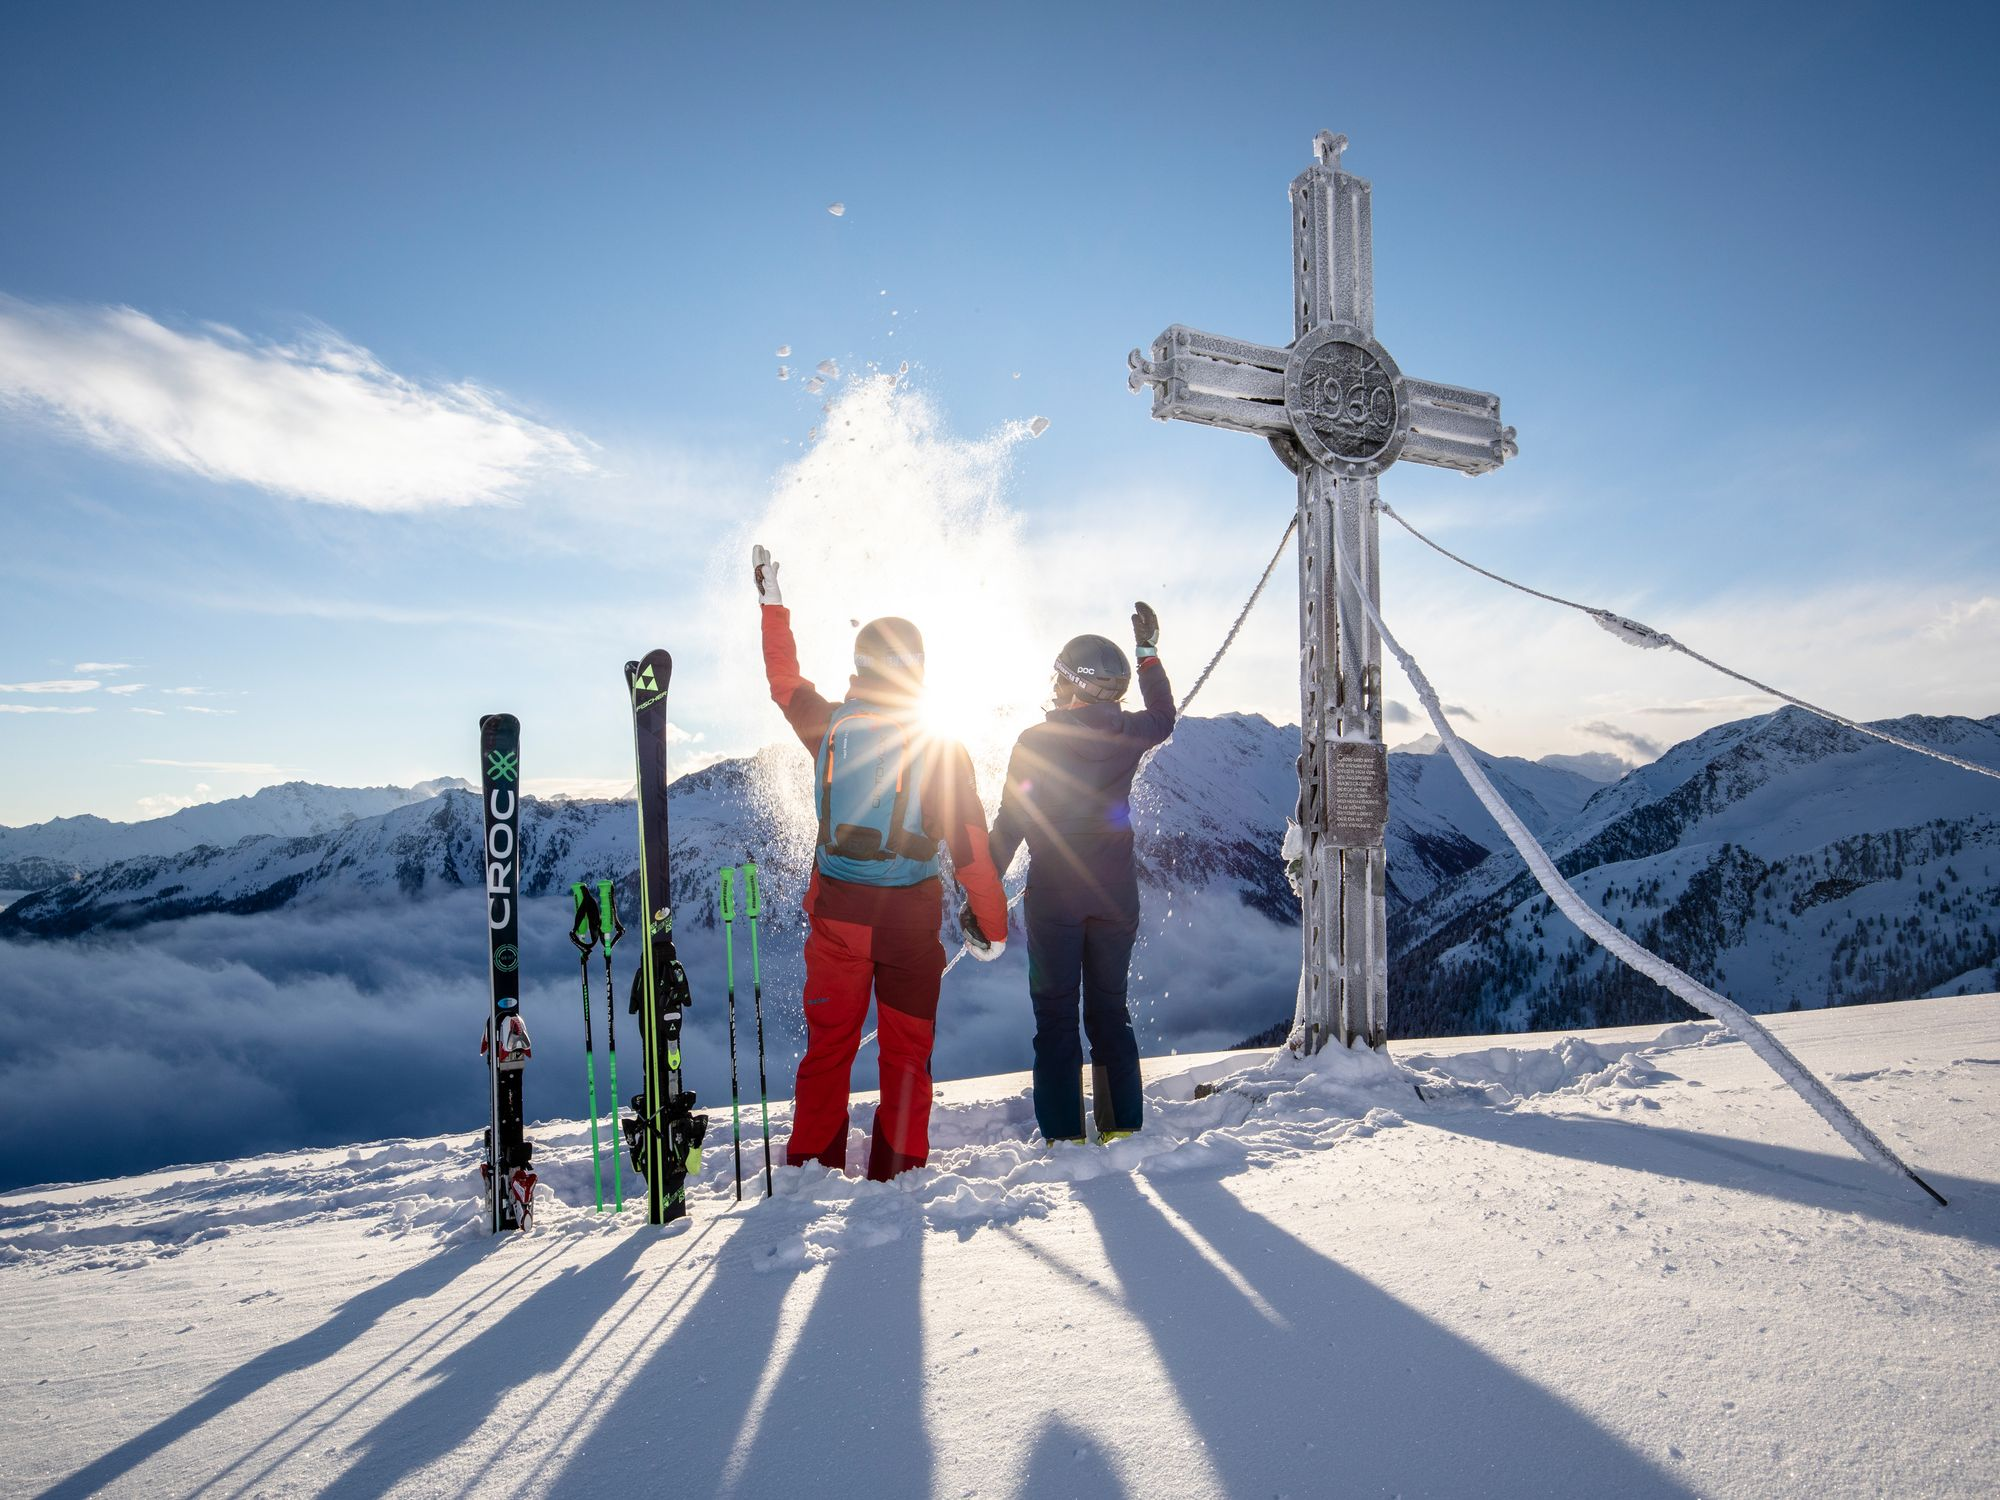 Skiing | © Zillertal Arena / Johannes Sautner